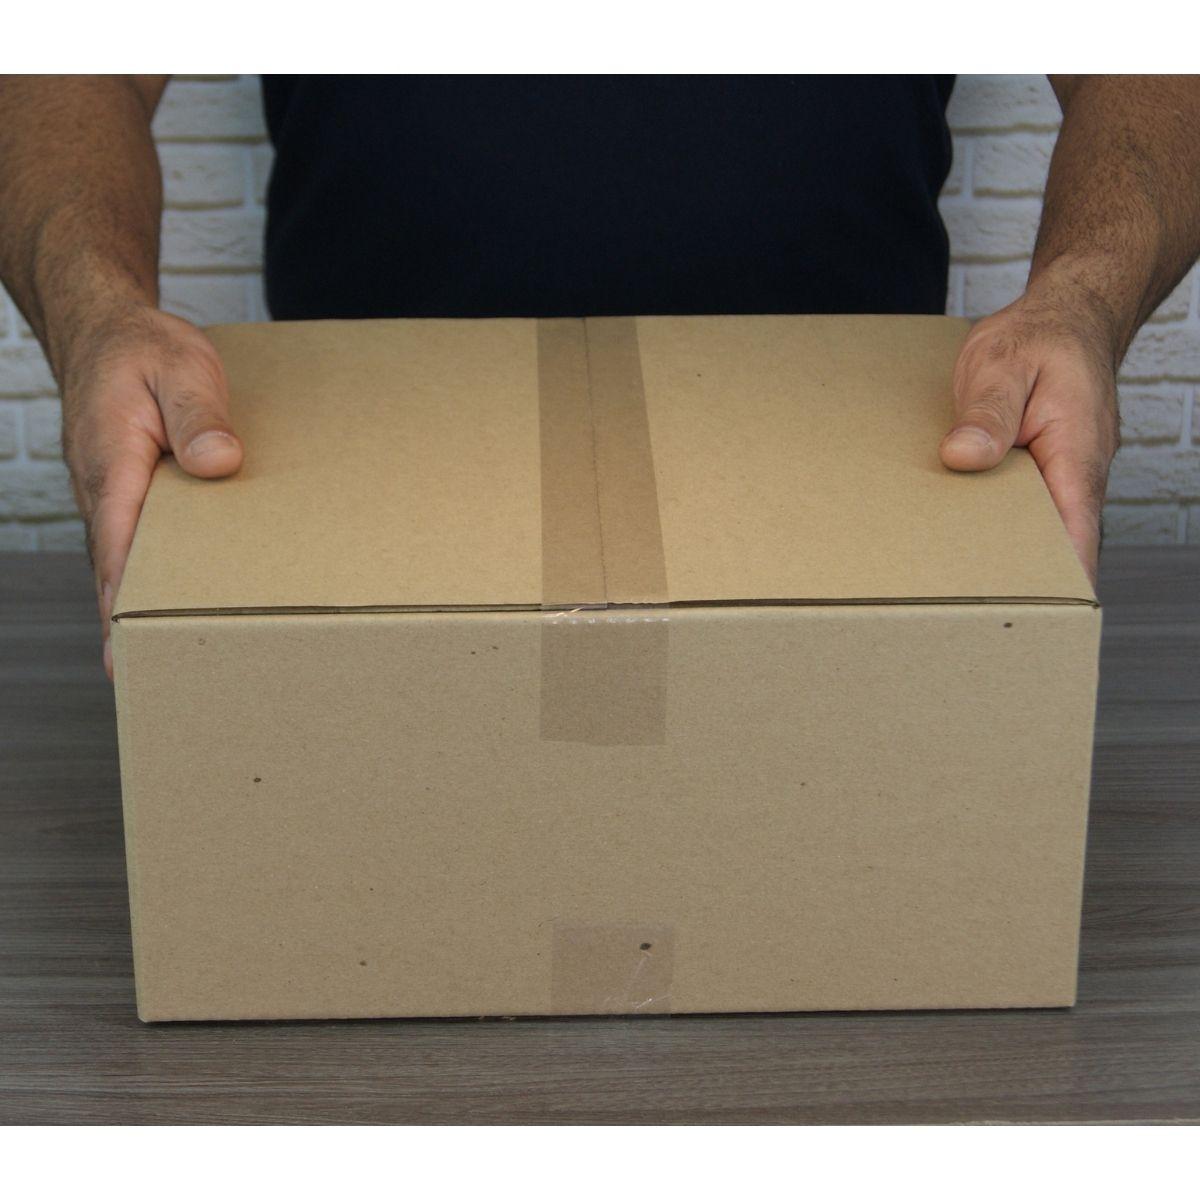 25 Caixas de Papelao (35X35X16)cm - Sedex / Pac / Correios